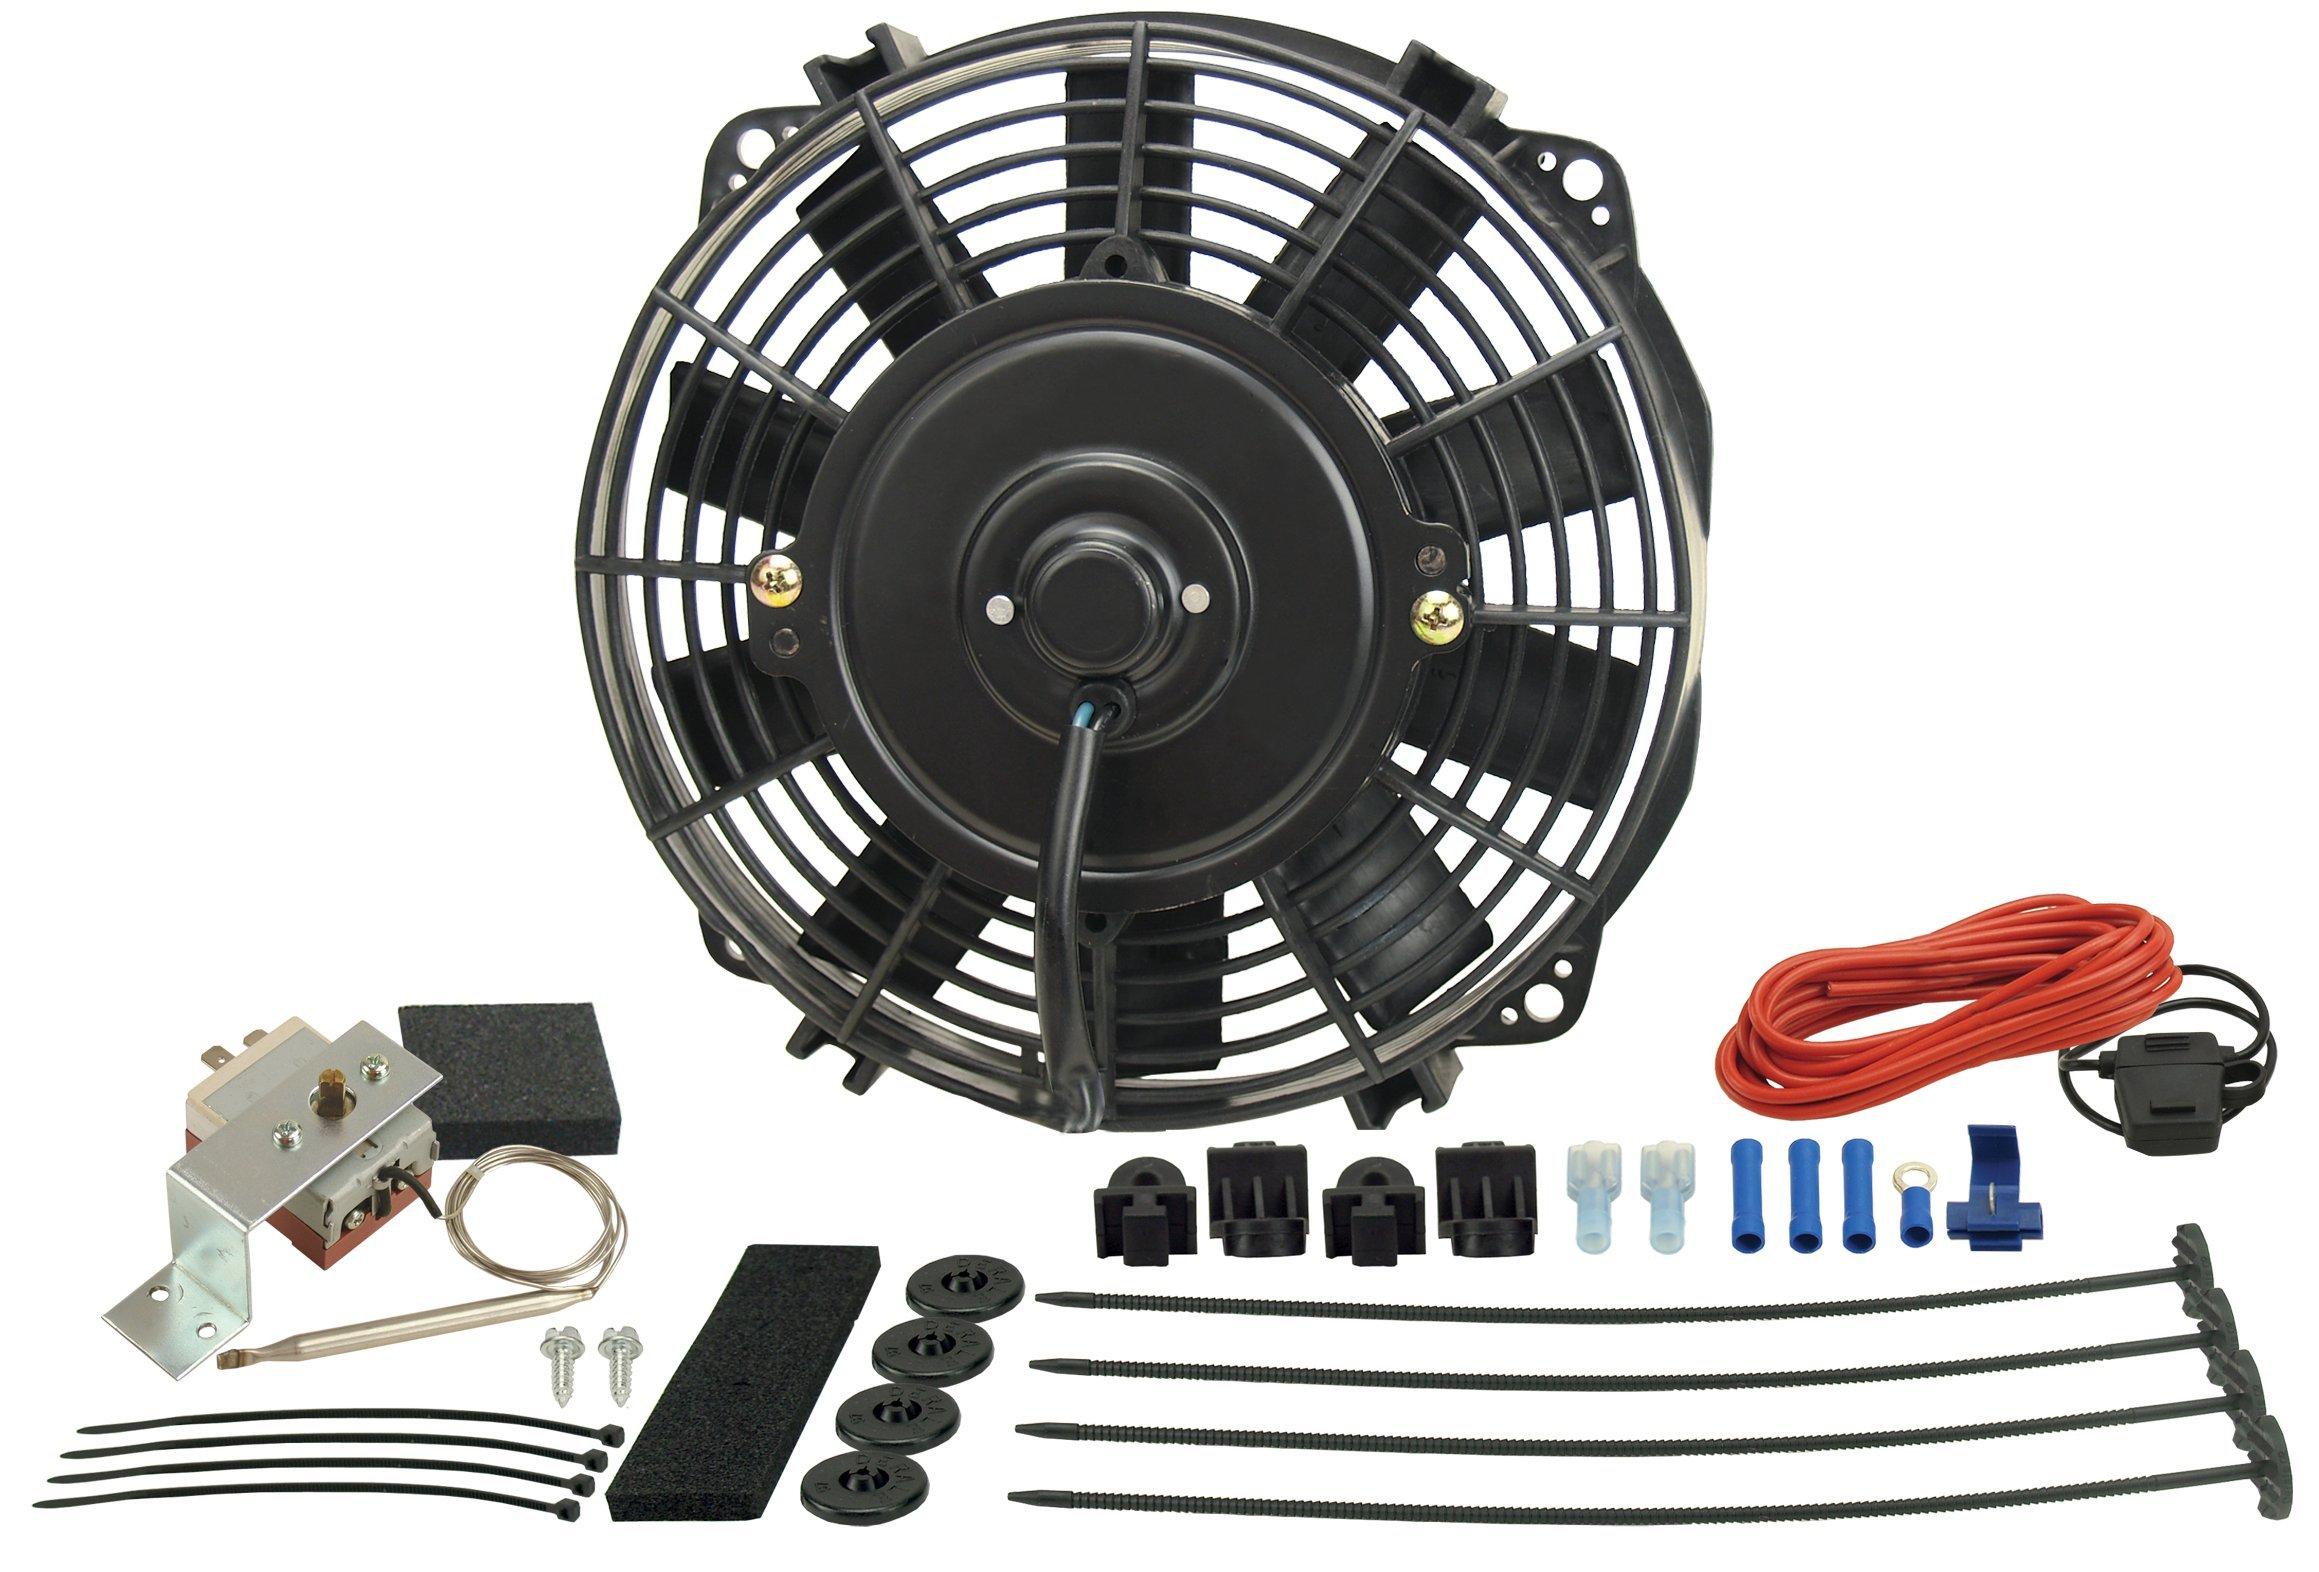 Derale 17320 Heavy Duty Fan Blade Series 1000 20 Steel Rigid Race Belt Driven Fan Standard Rotation